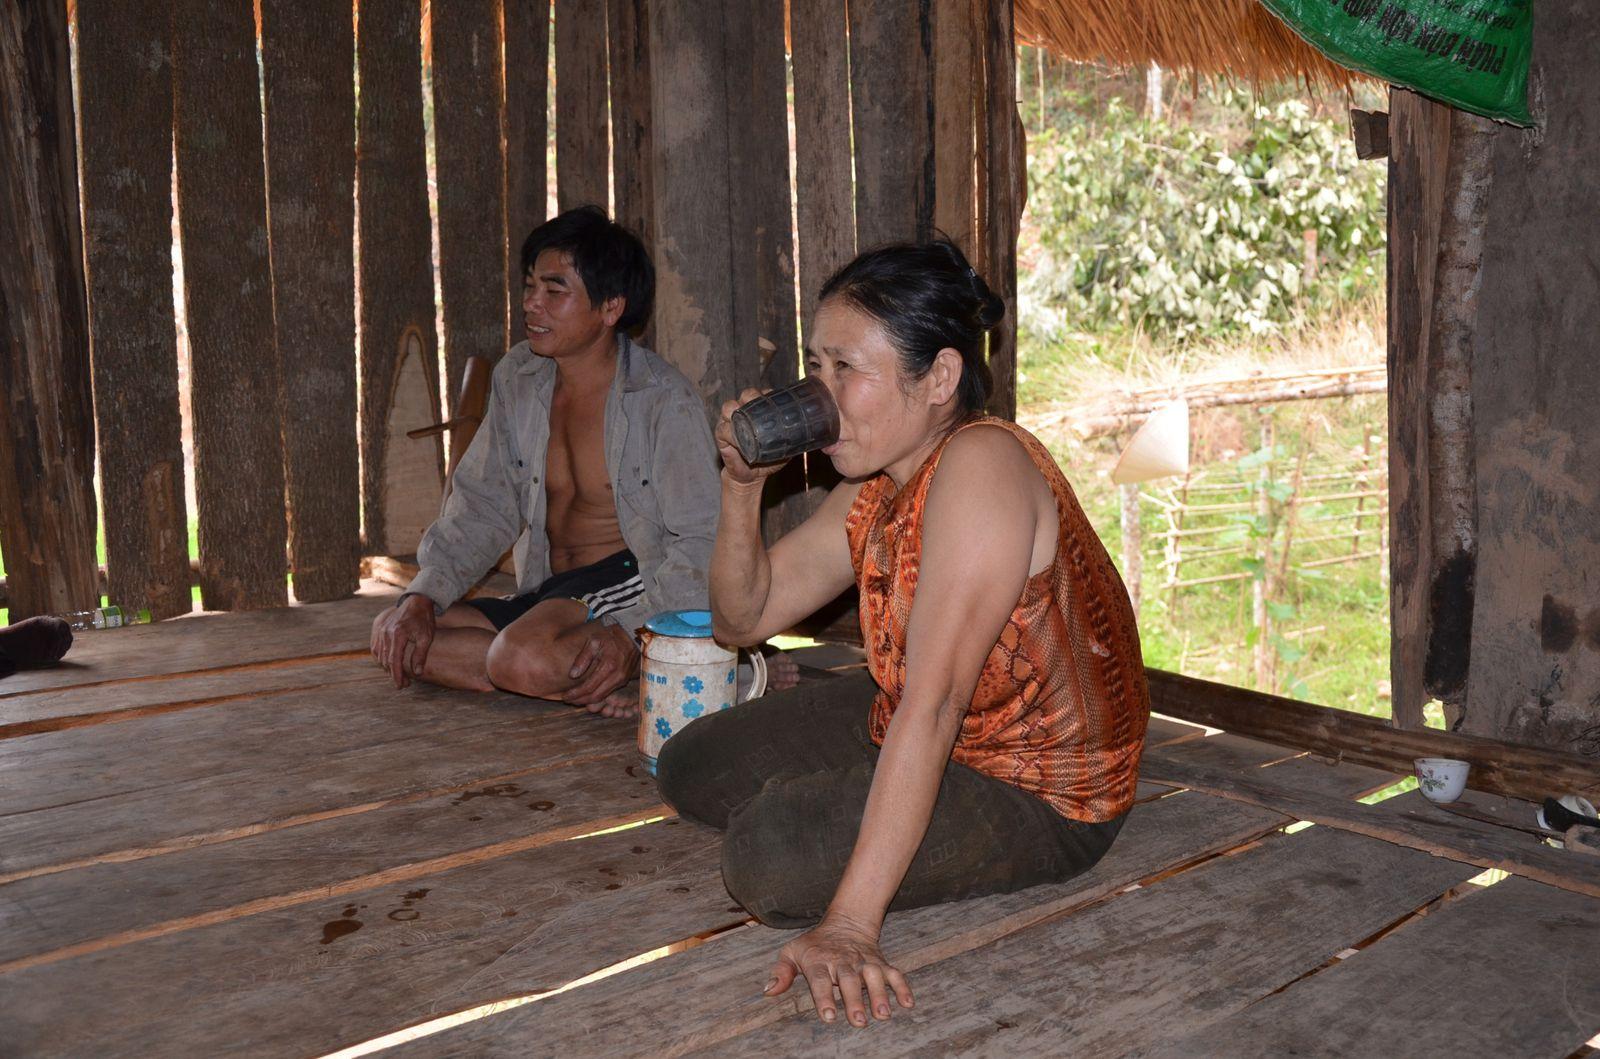 Mai chau et ninh binh les rizi res et la baie d 39 halong for Maison traditionnelle laos